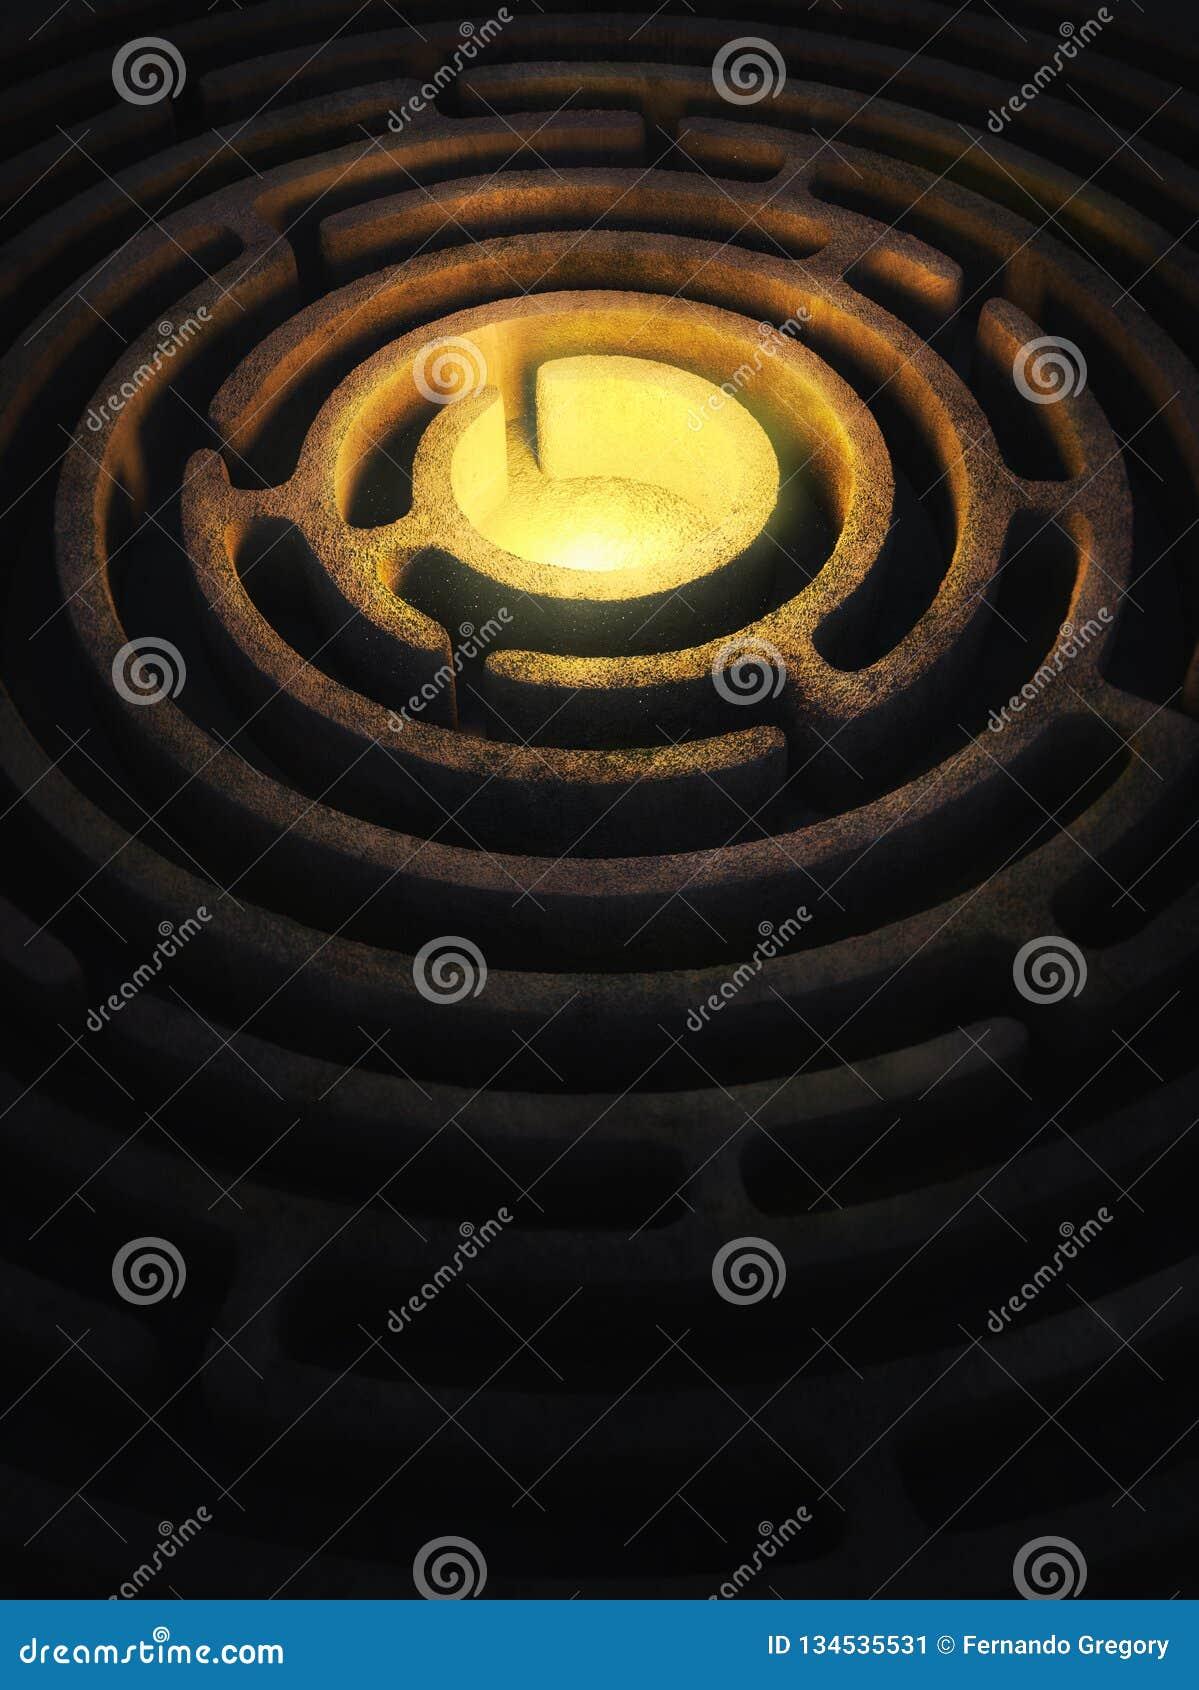 Kółkowy labirynt z jaskrawym światłem w centrum